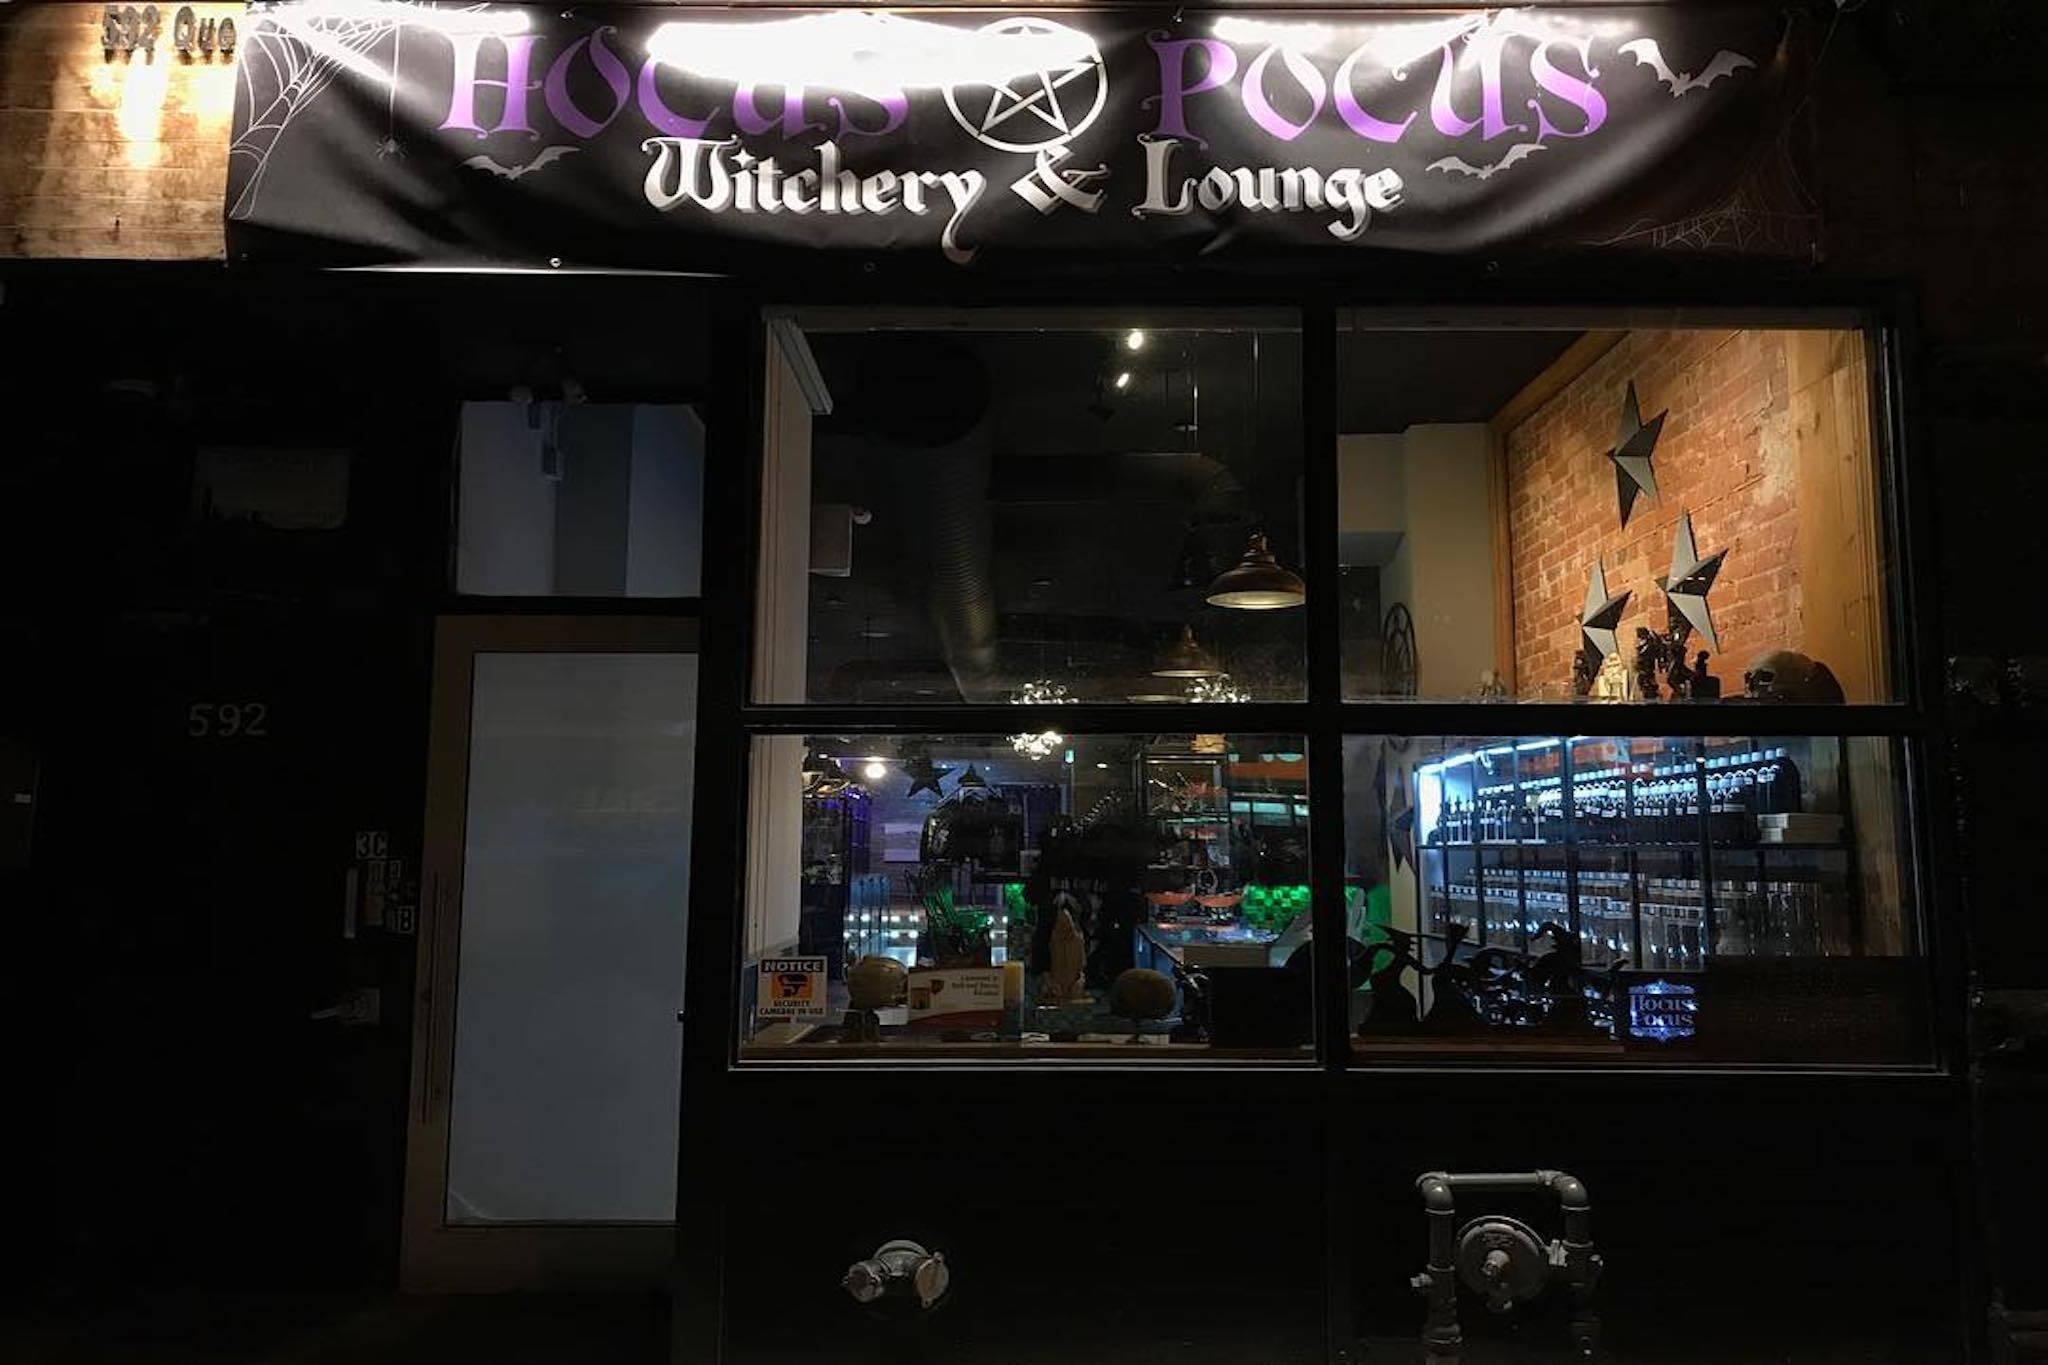 Hocus Pocus Toronto